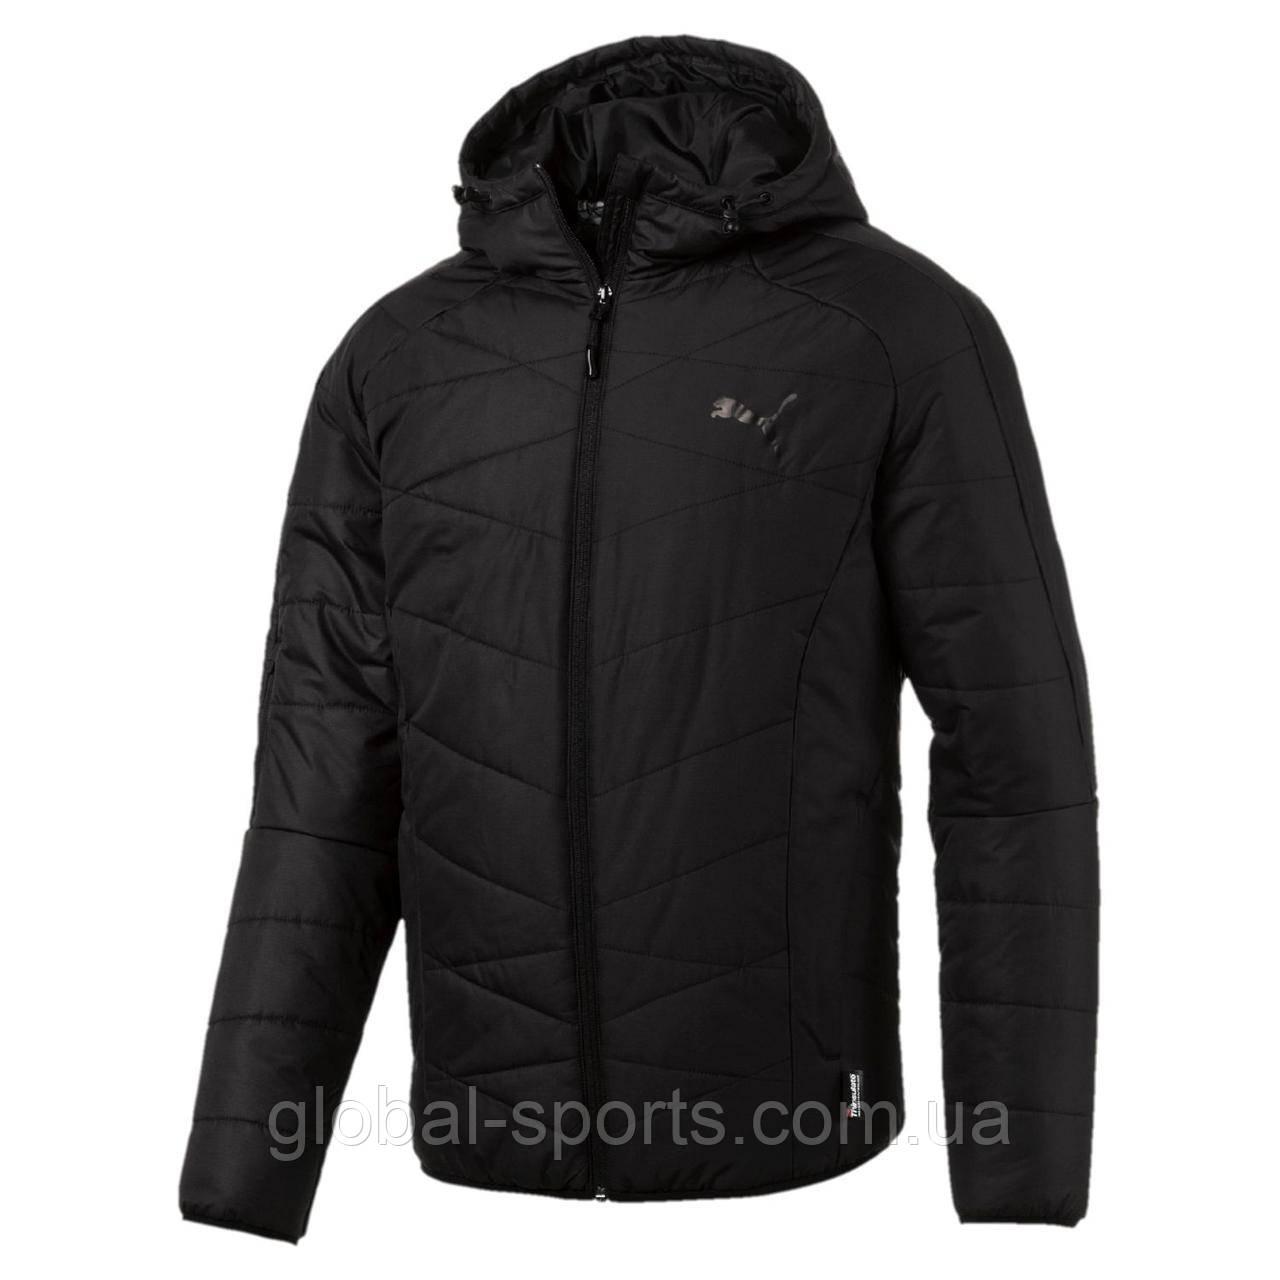 Мужская куртка Puma PWRWARM HD INSULATION JACKET (Артикул:59238301)